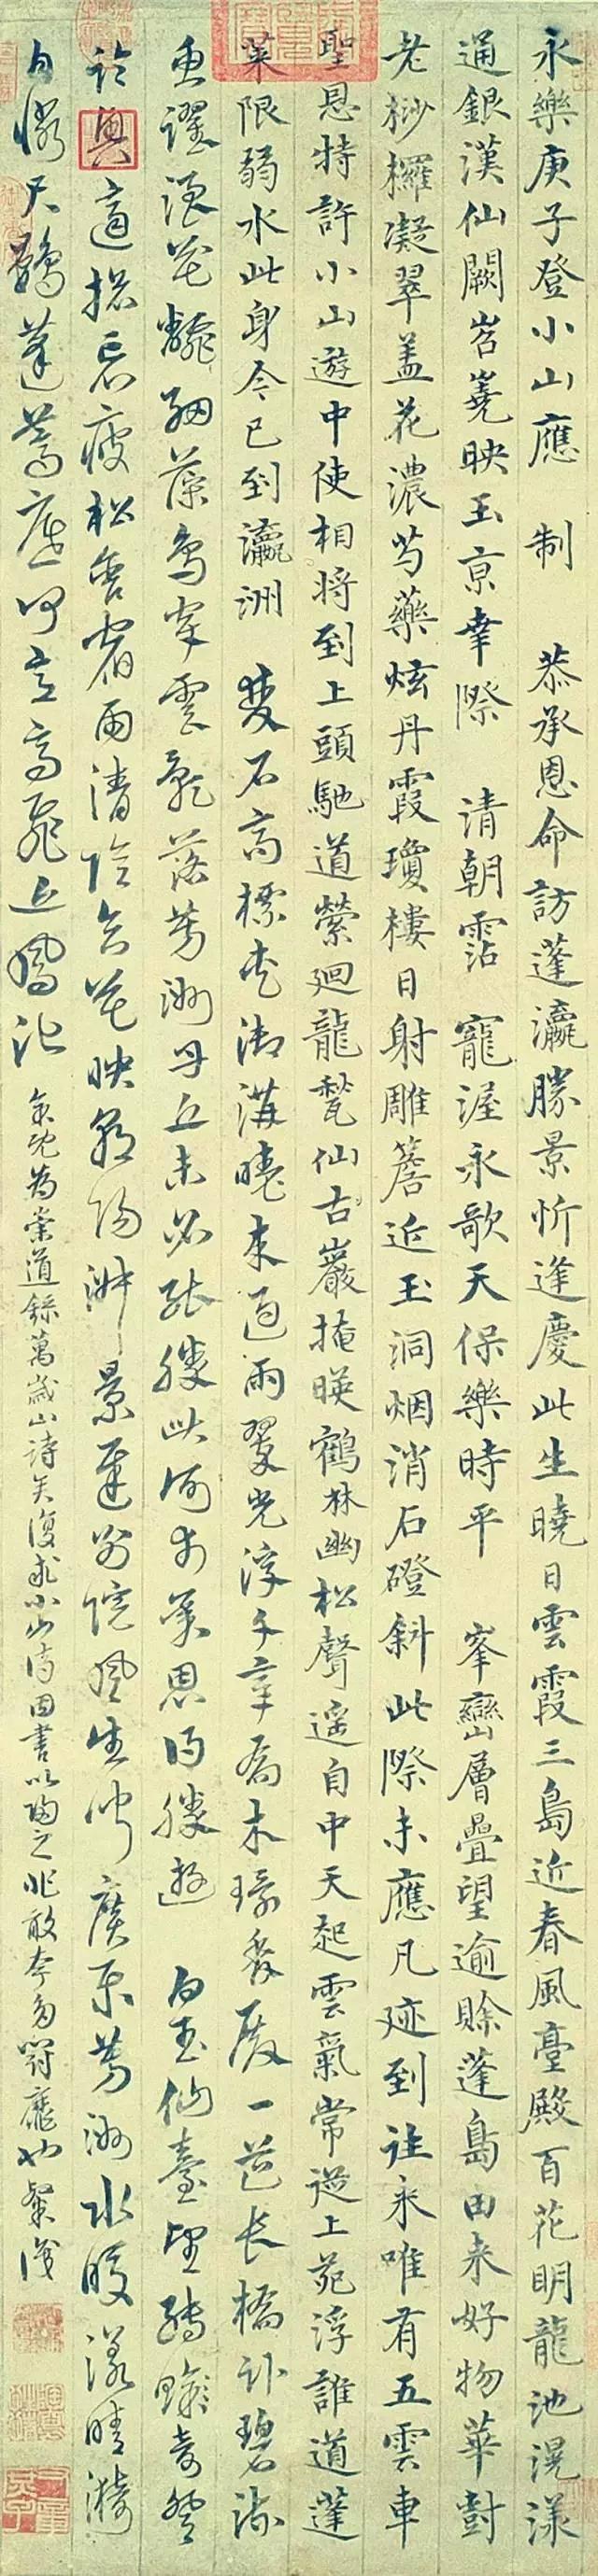 依靠写字也能当大官的兄弟——沈度,沈粲(二)